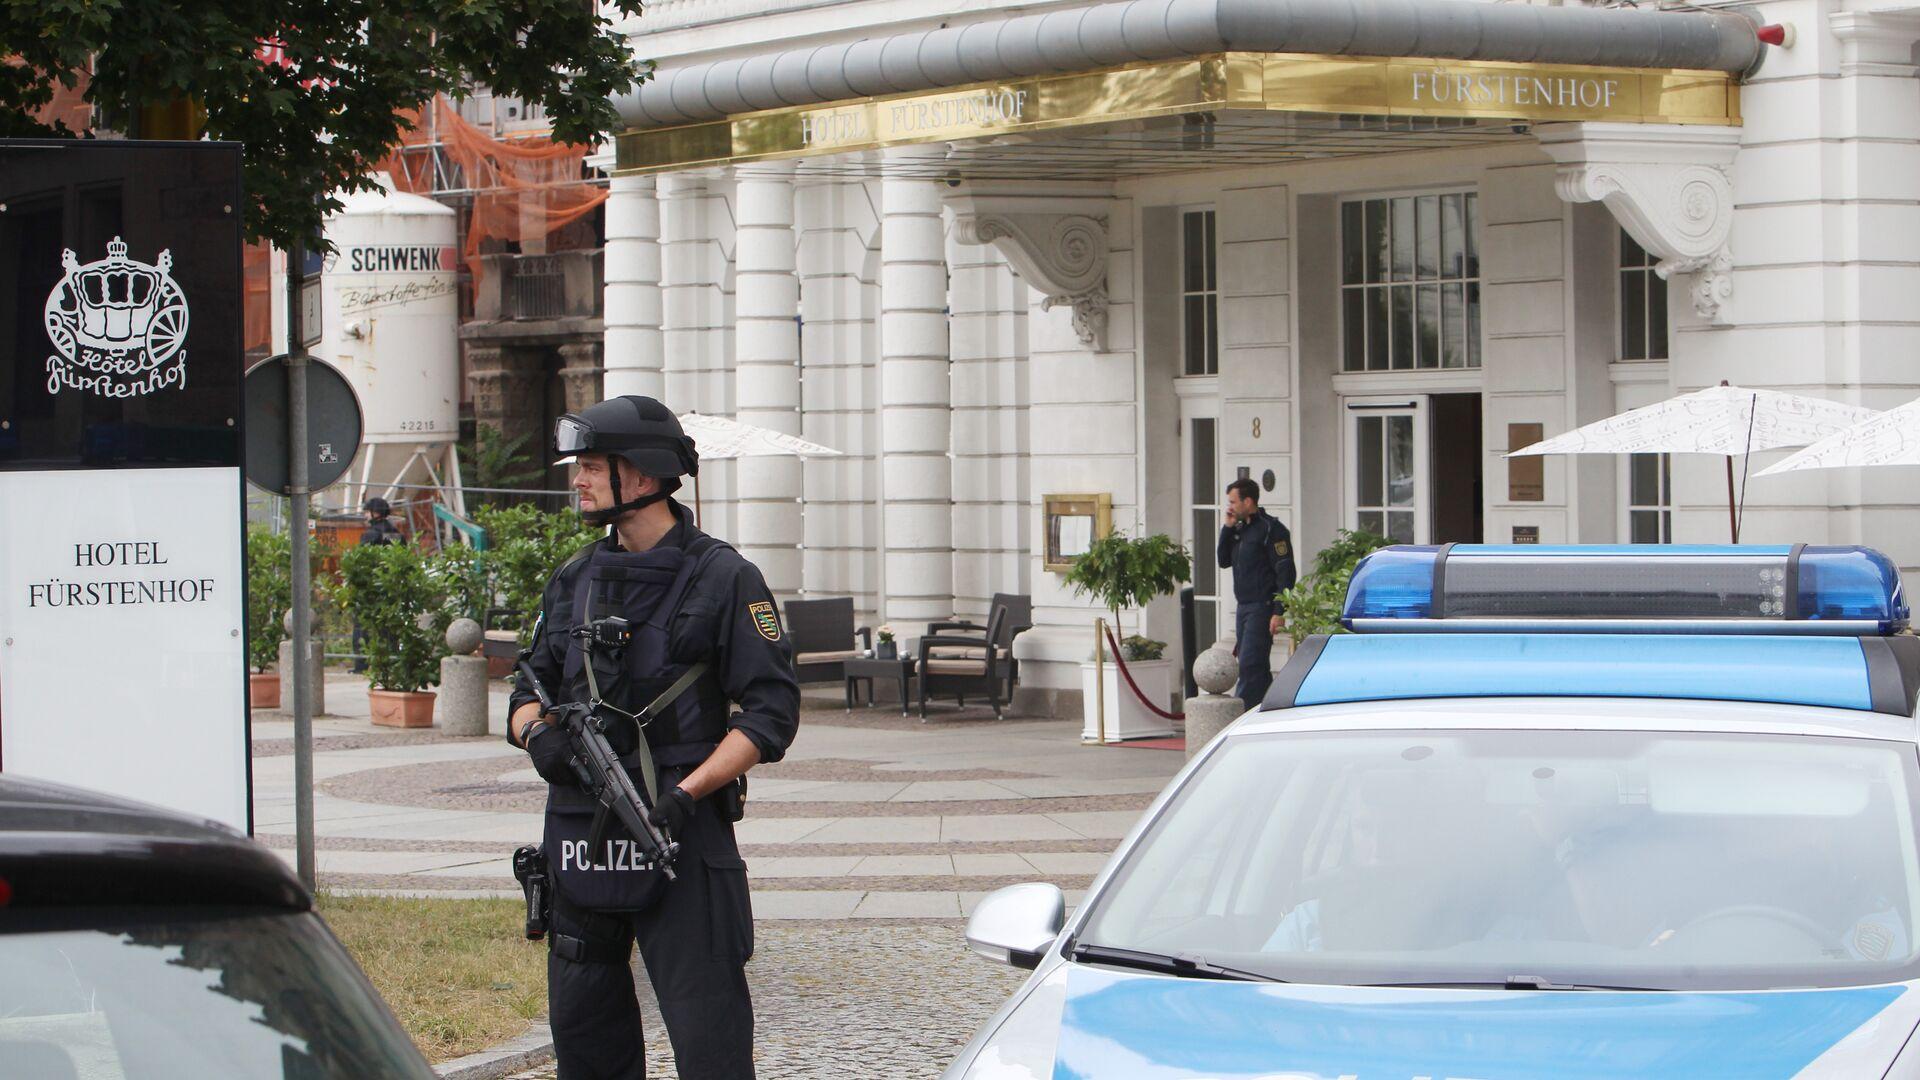 Сотрудники немецкой полиции у здания отеля Fuerstenhof в Лейпциге, Германия. 6 сентября 2016 - РИА Новости, 1920, 06.09.2020